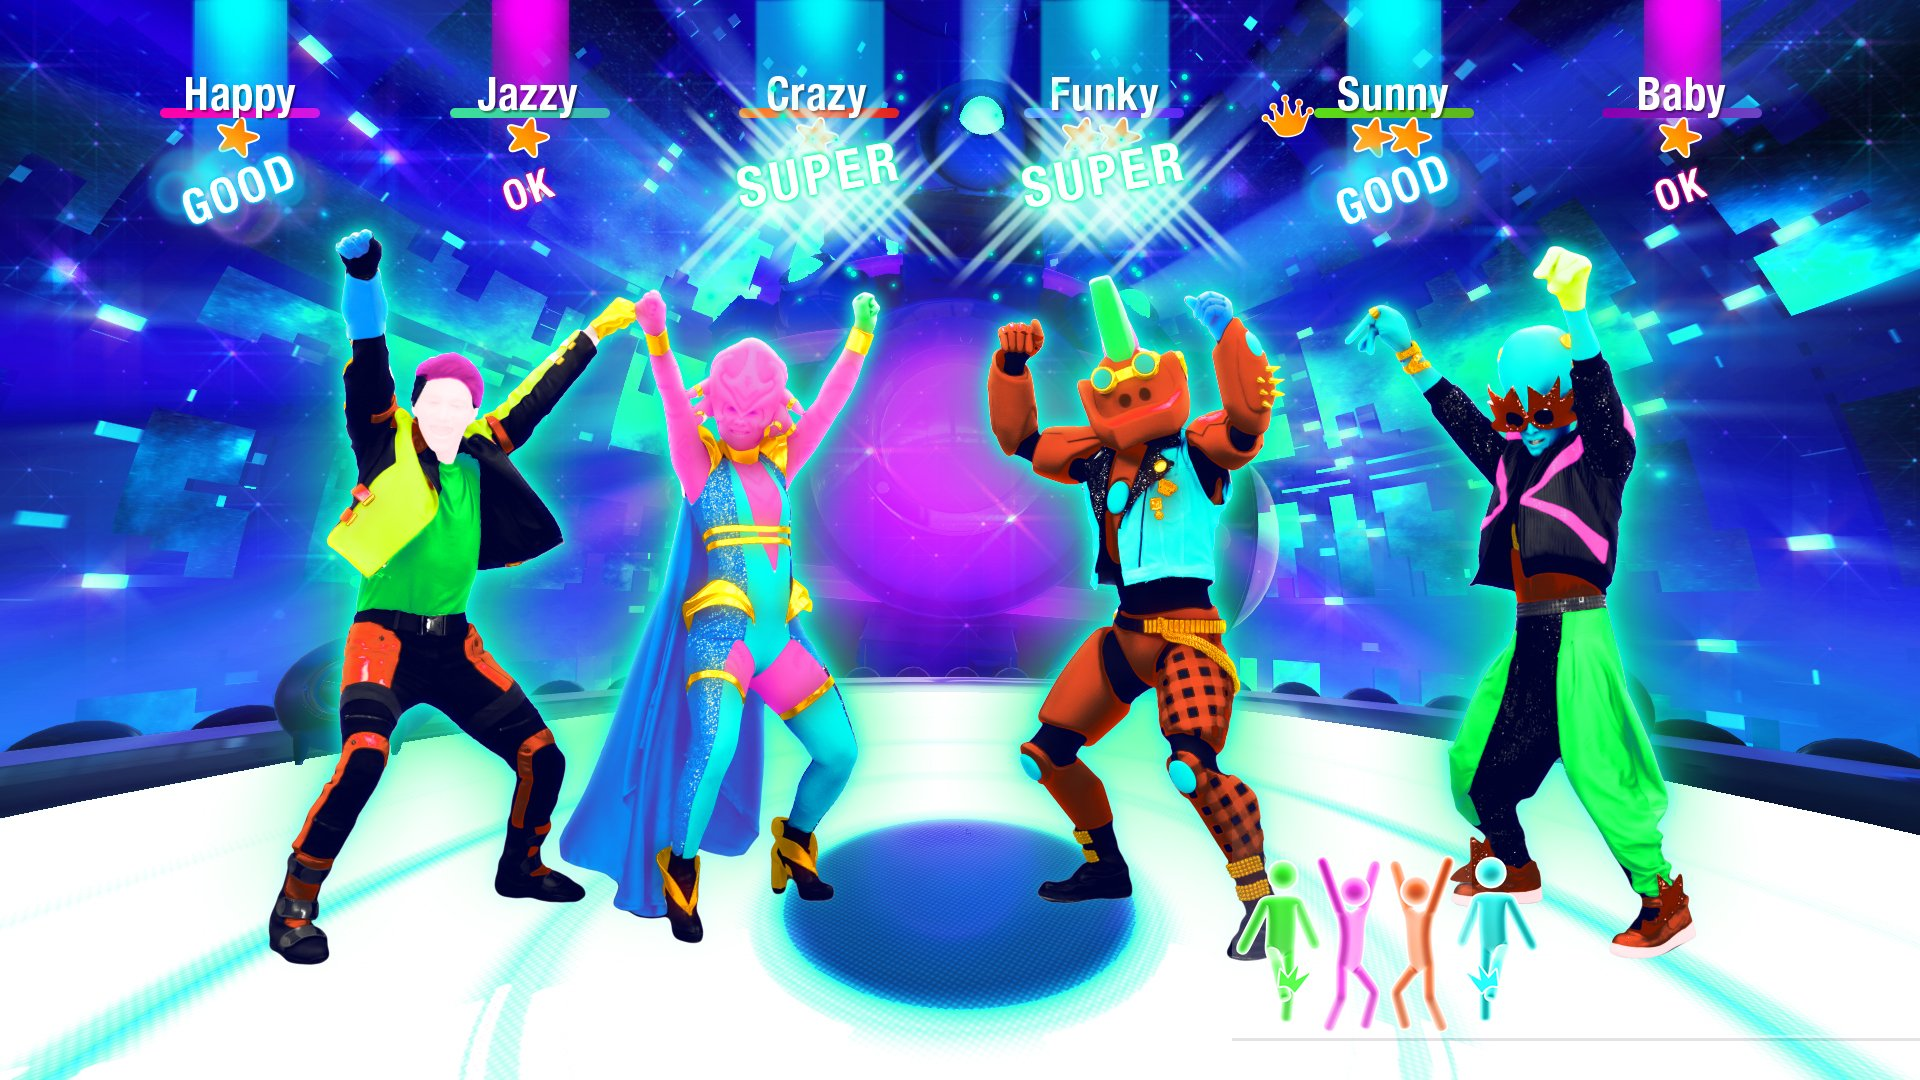 Compra O Espera Just Dance 2019 Wii